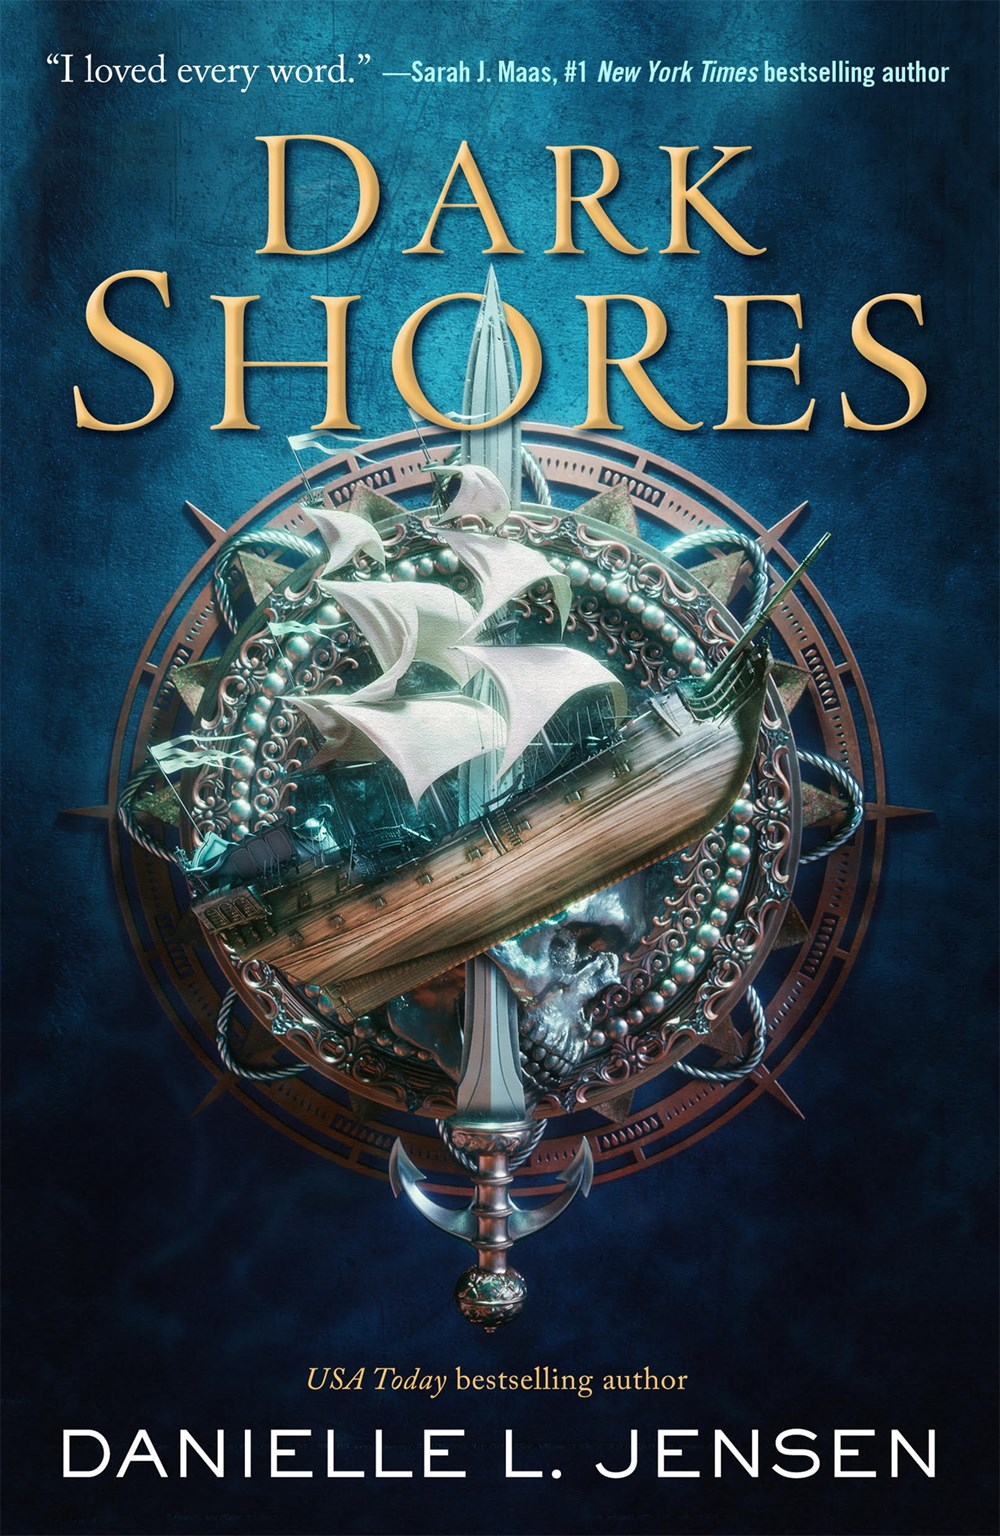 Dark Shores by Danielle L. Jensen Book Cover